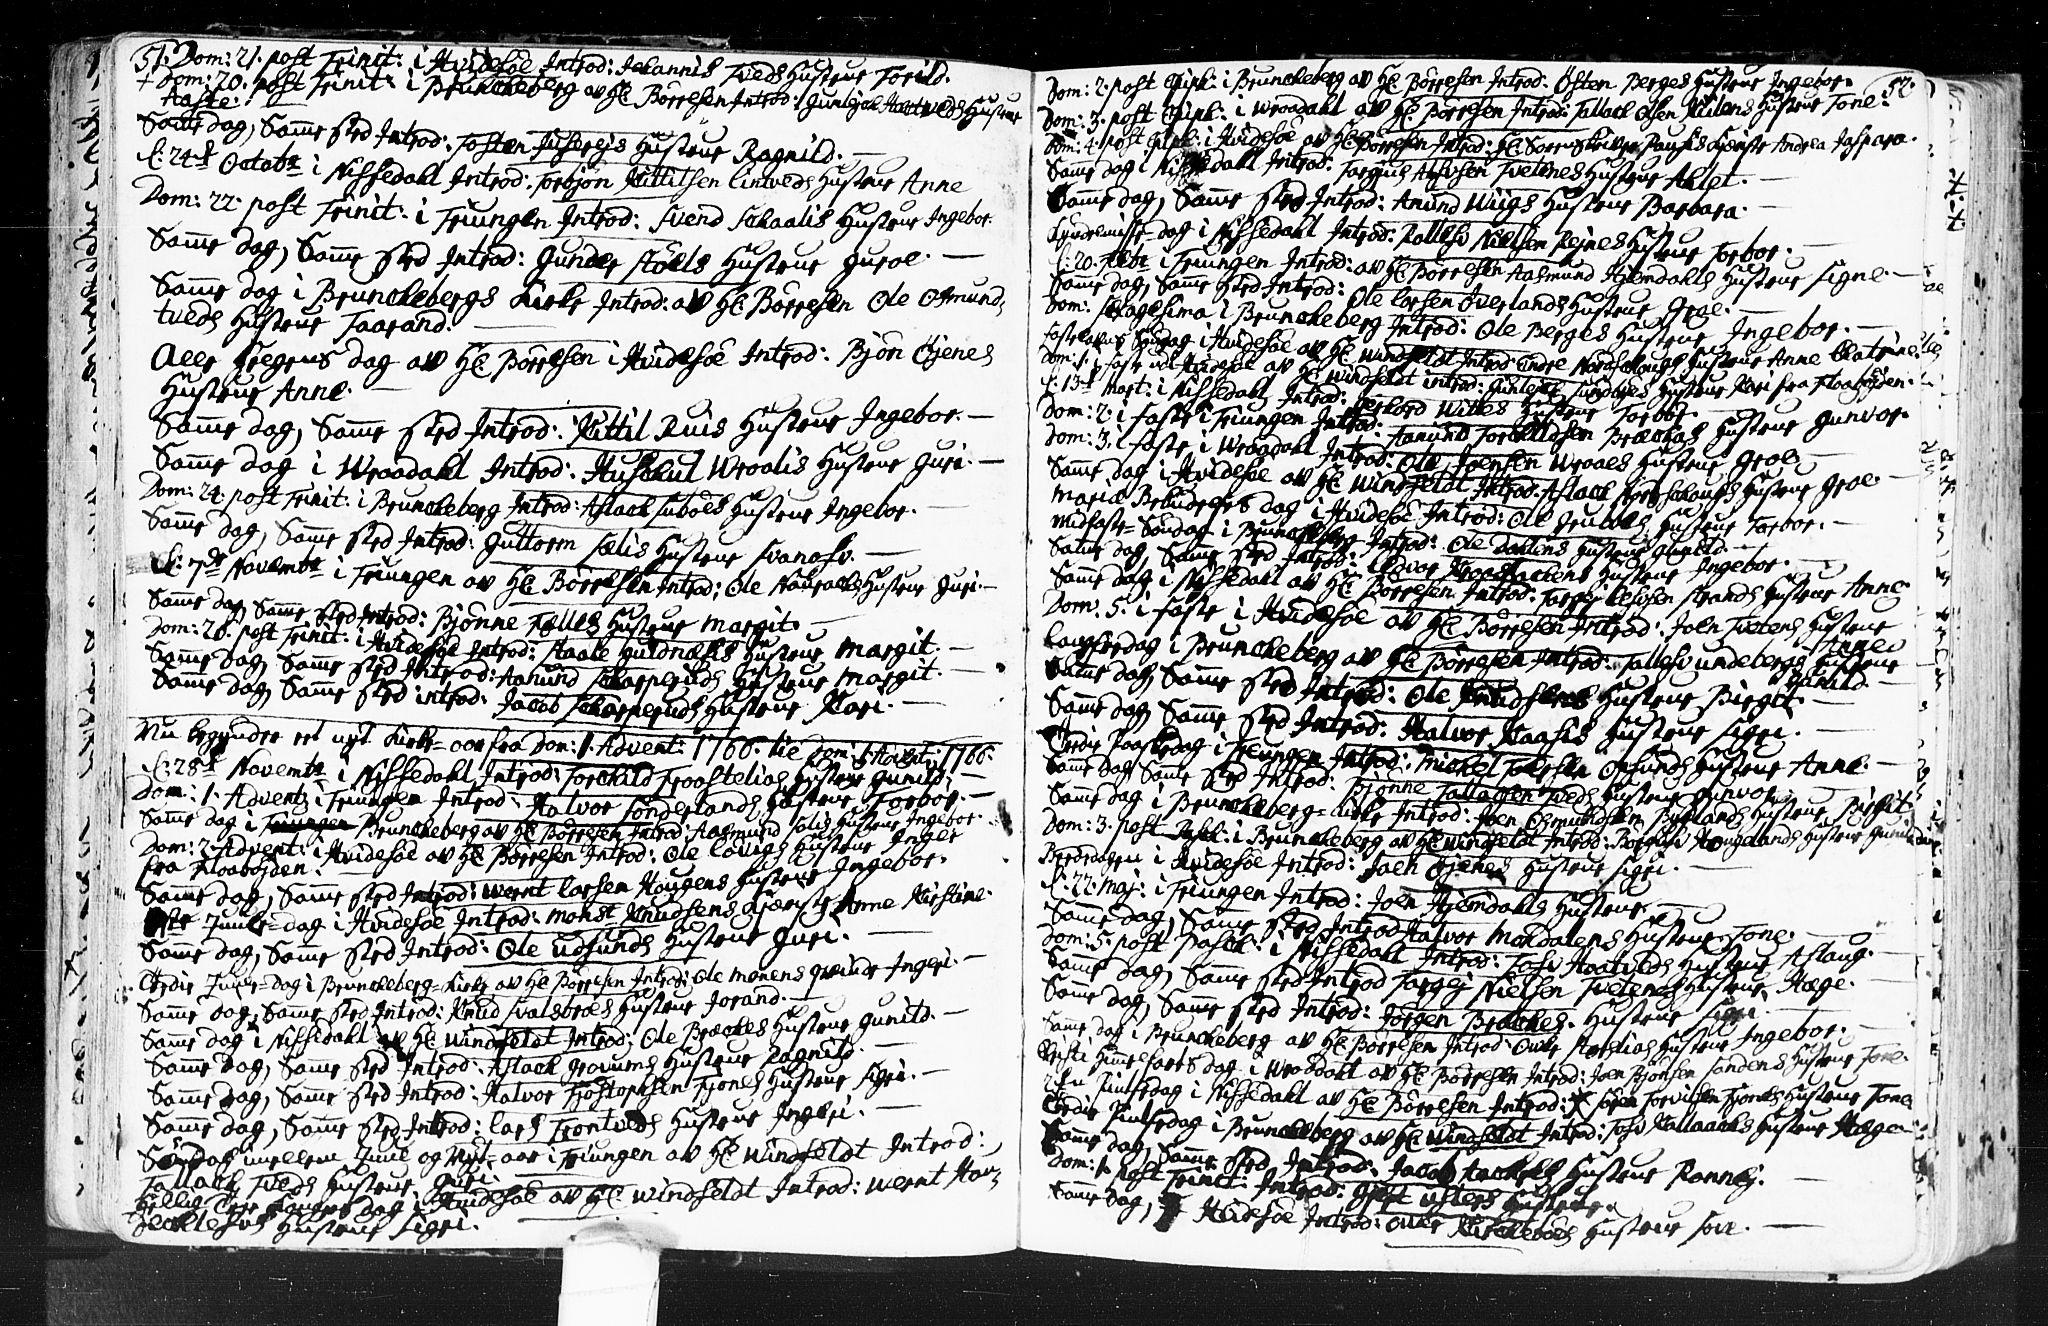 SAKO, Kviteseid kirkebøker, F/Fa/L0001: Ministerialbok nr. I 1, 1754-1773, s. 51-52